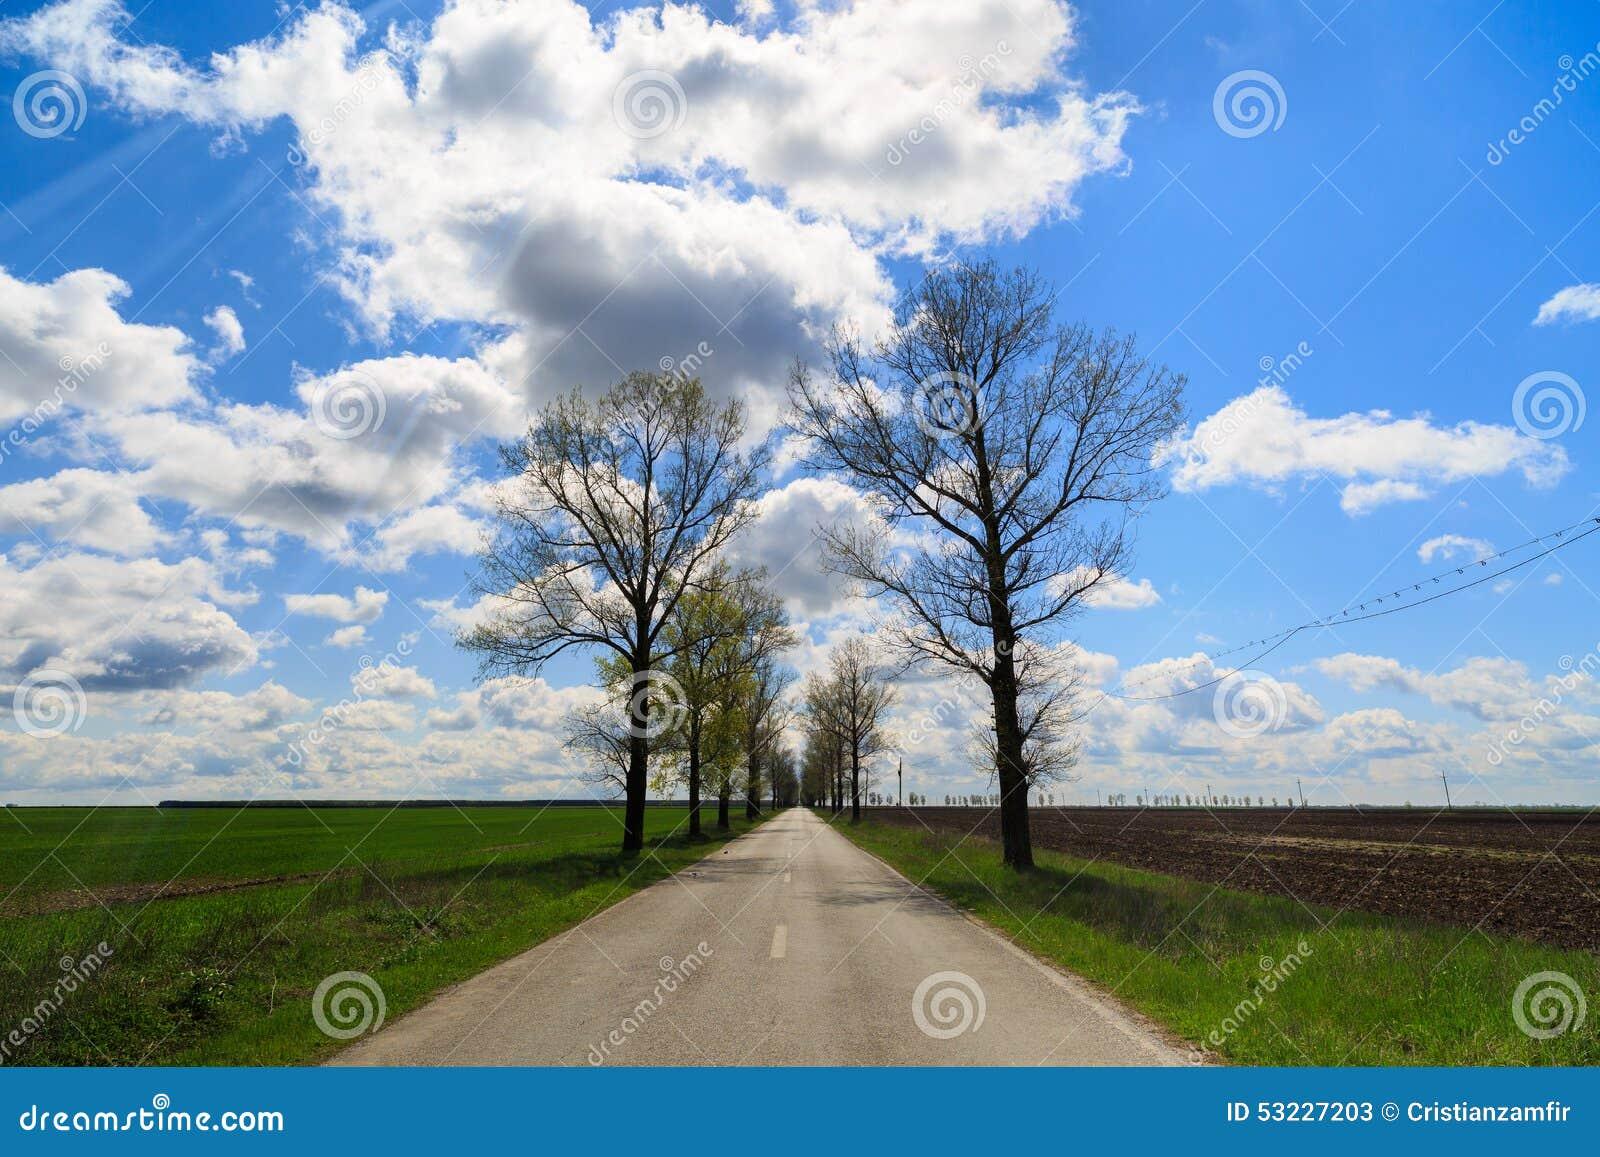 Carretera nacional en un campo